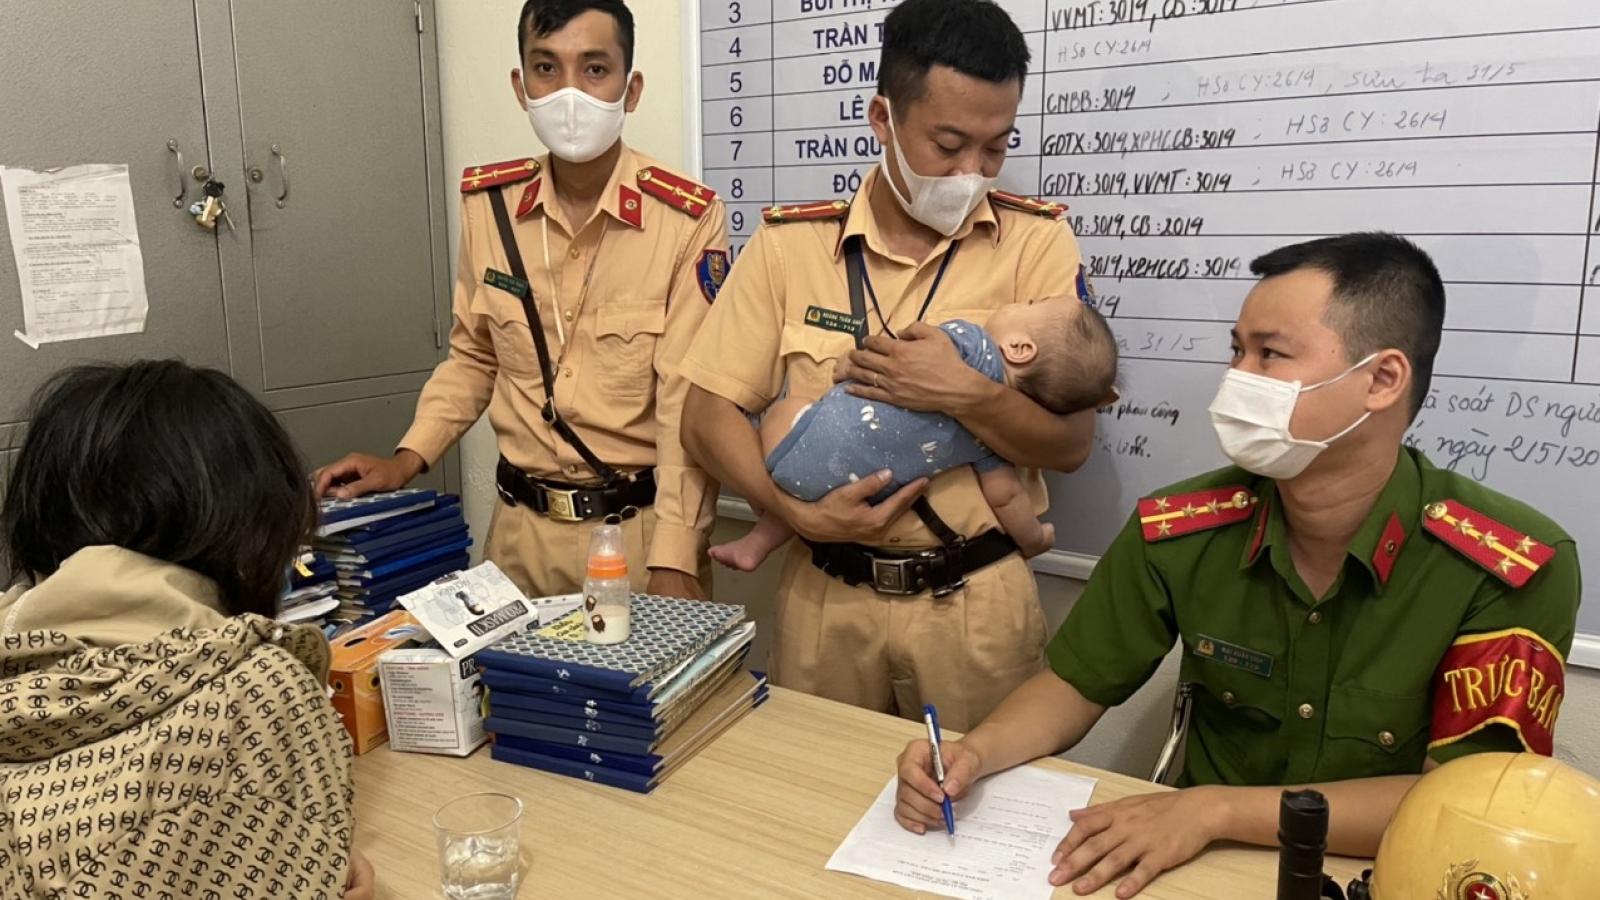 CSGT giải cứu người phụ nữ ôm con 5 tháng tuổi định nhảy cầu tự vẫn